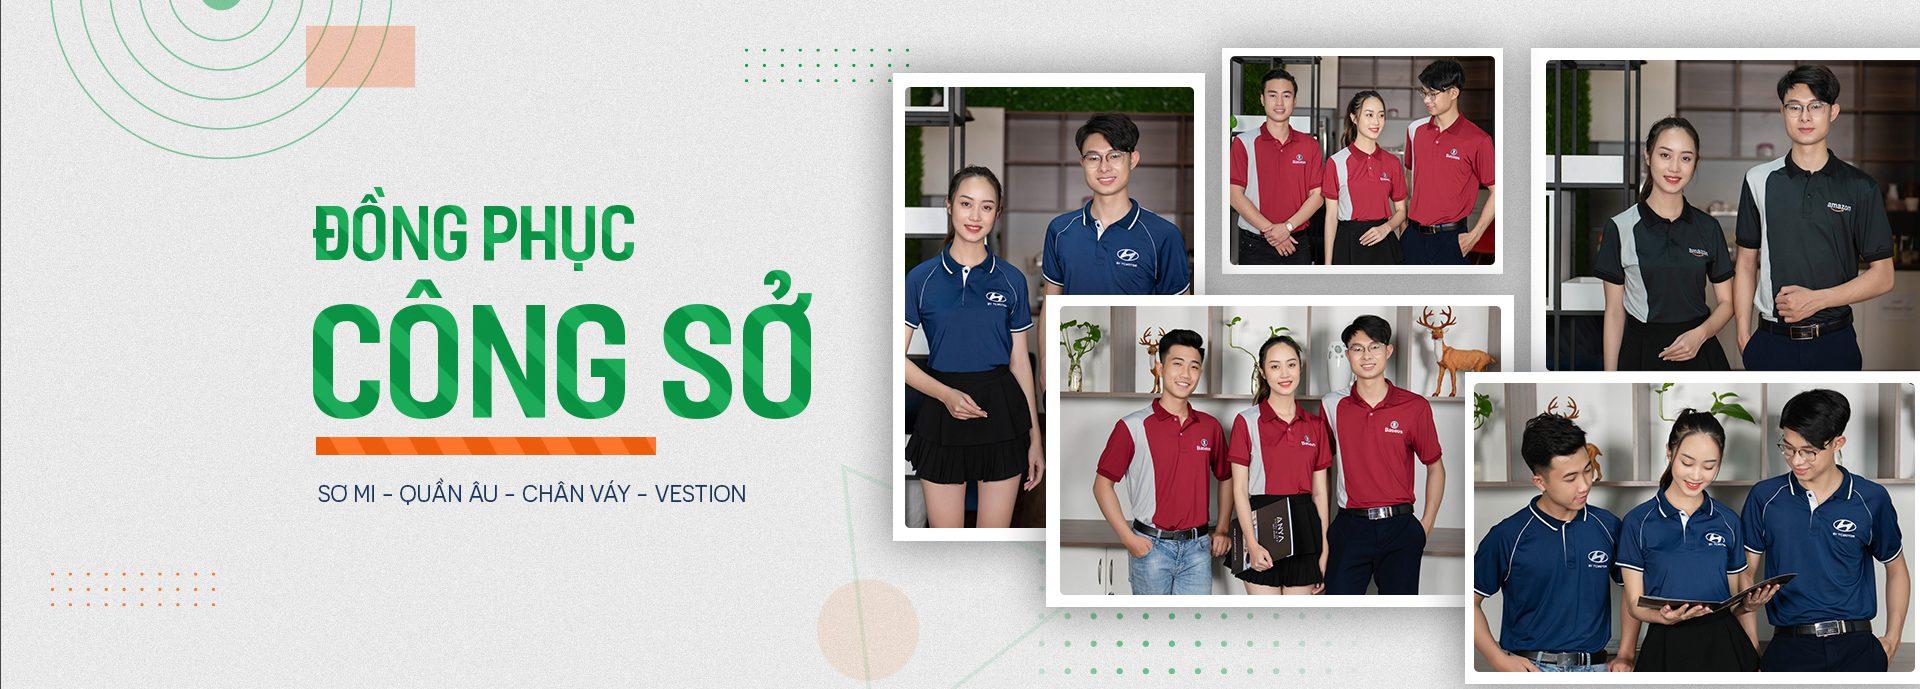 Banner đồng phục đẹp Wego Uniform